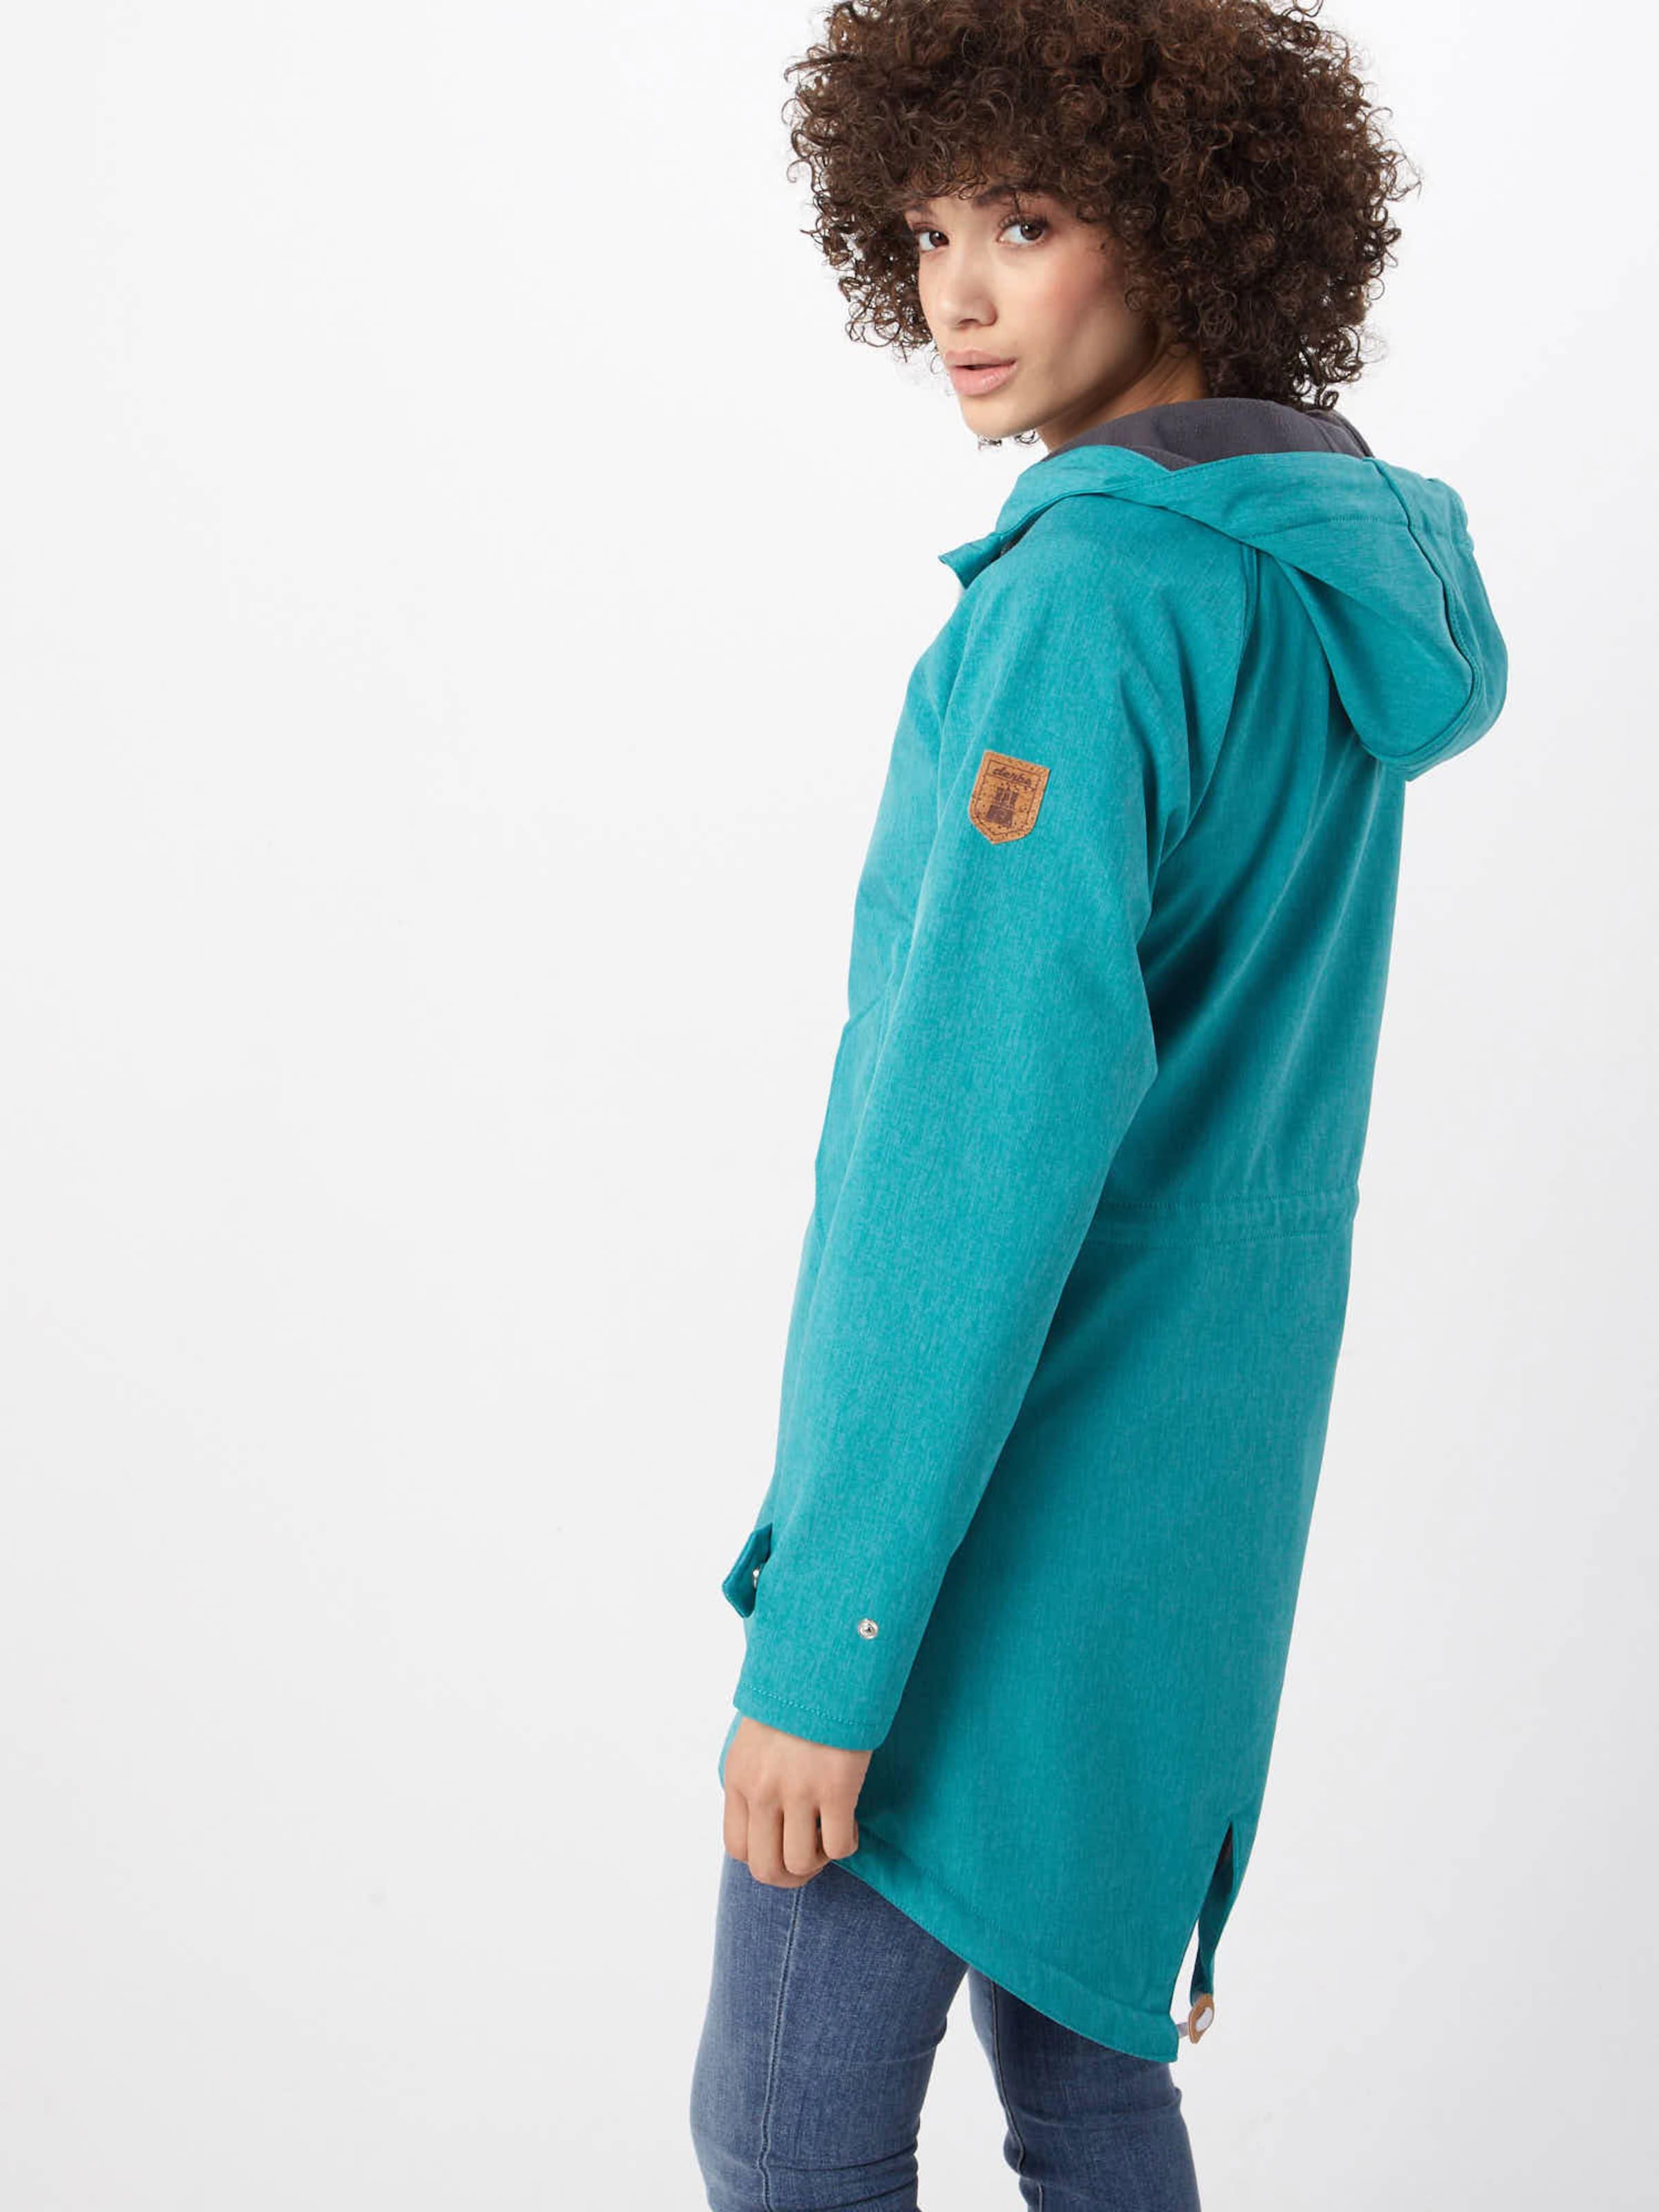 Veste En Turquoise Derbe saison Mi EH9WY2DI